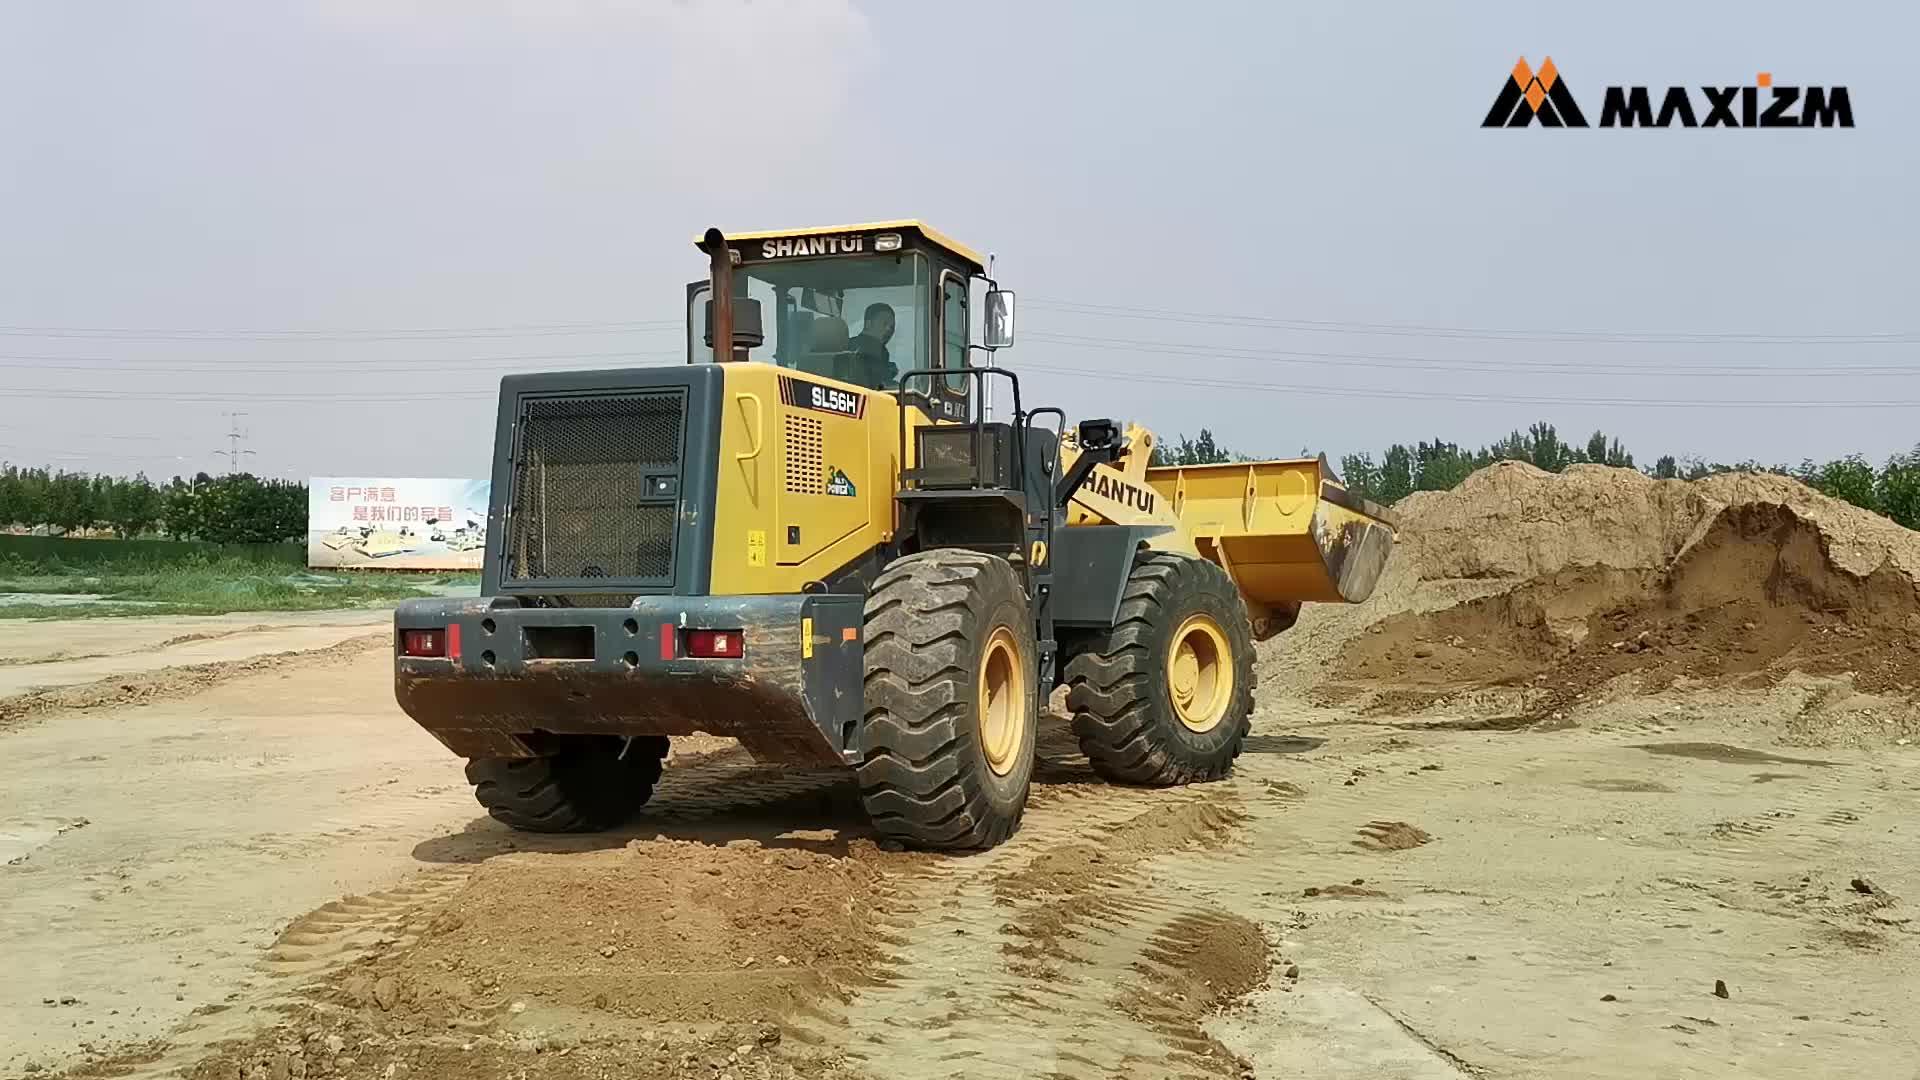 Бульдозер Shantui SD32 320HP бульдозер Rc